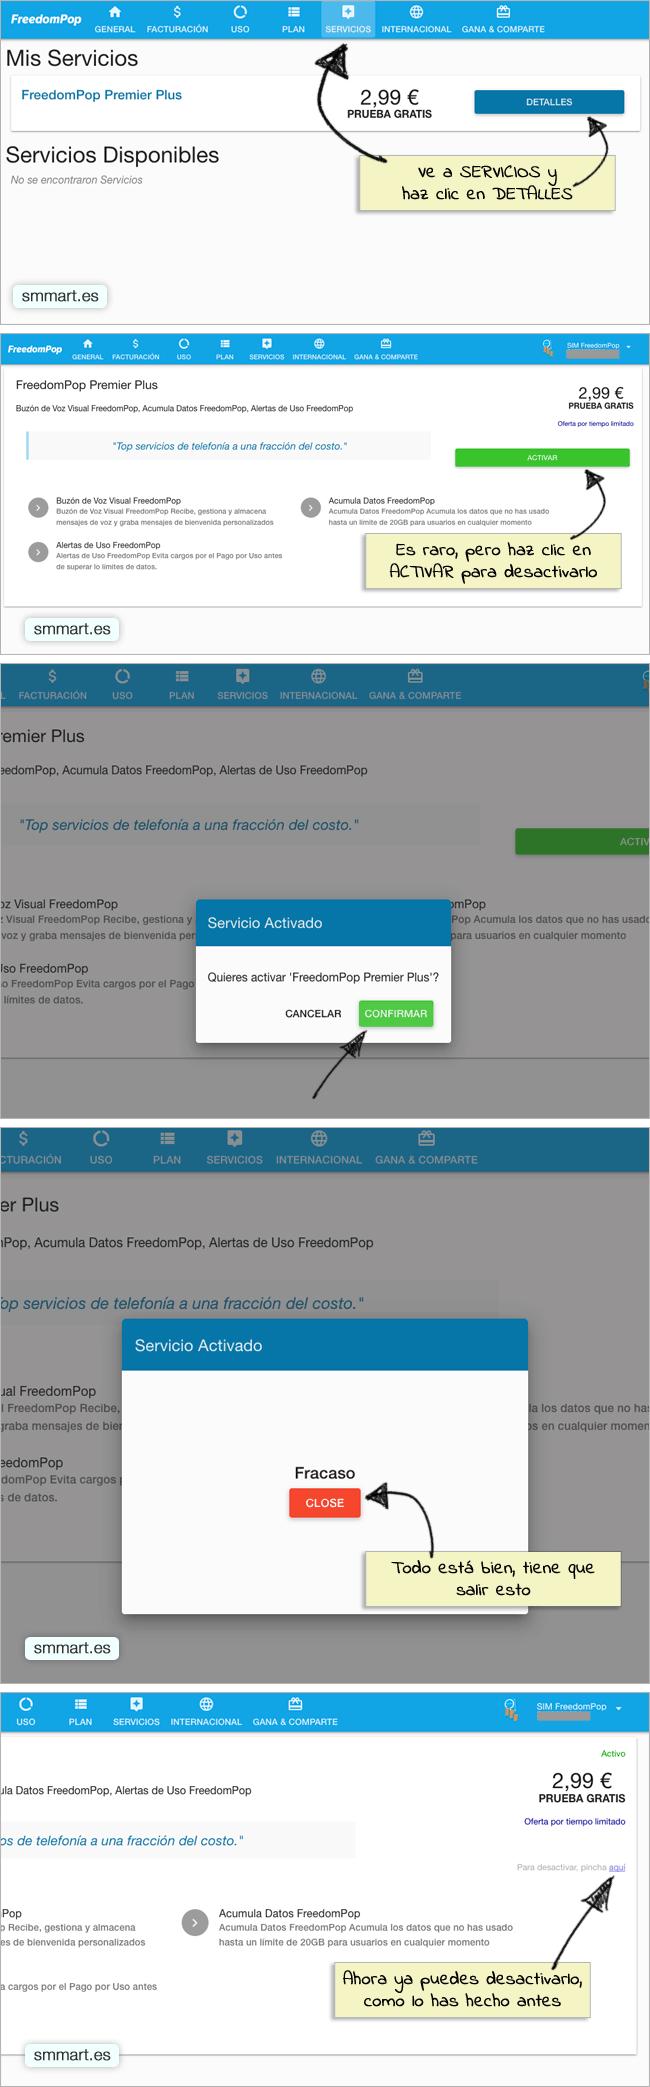 Desactivar el servicio FreedomPop Premier Plus